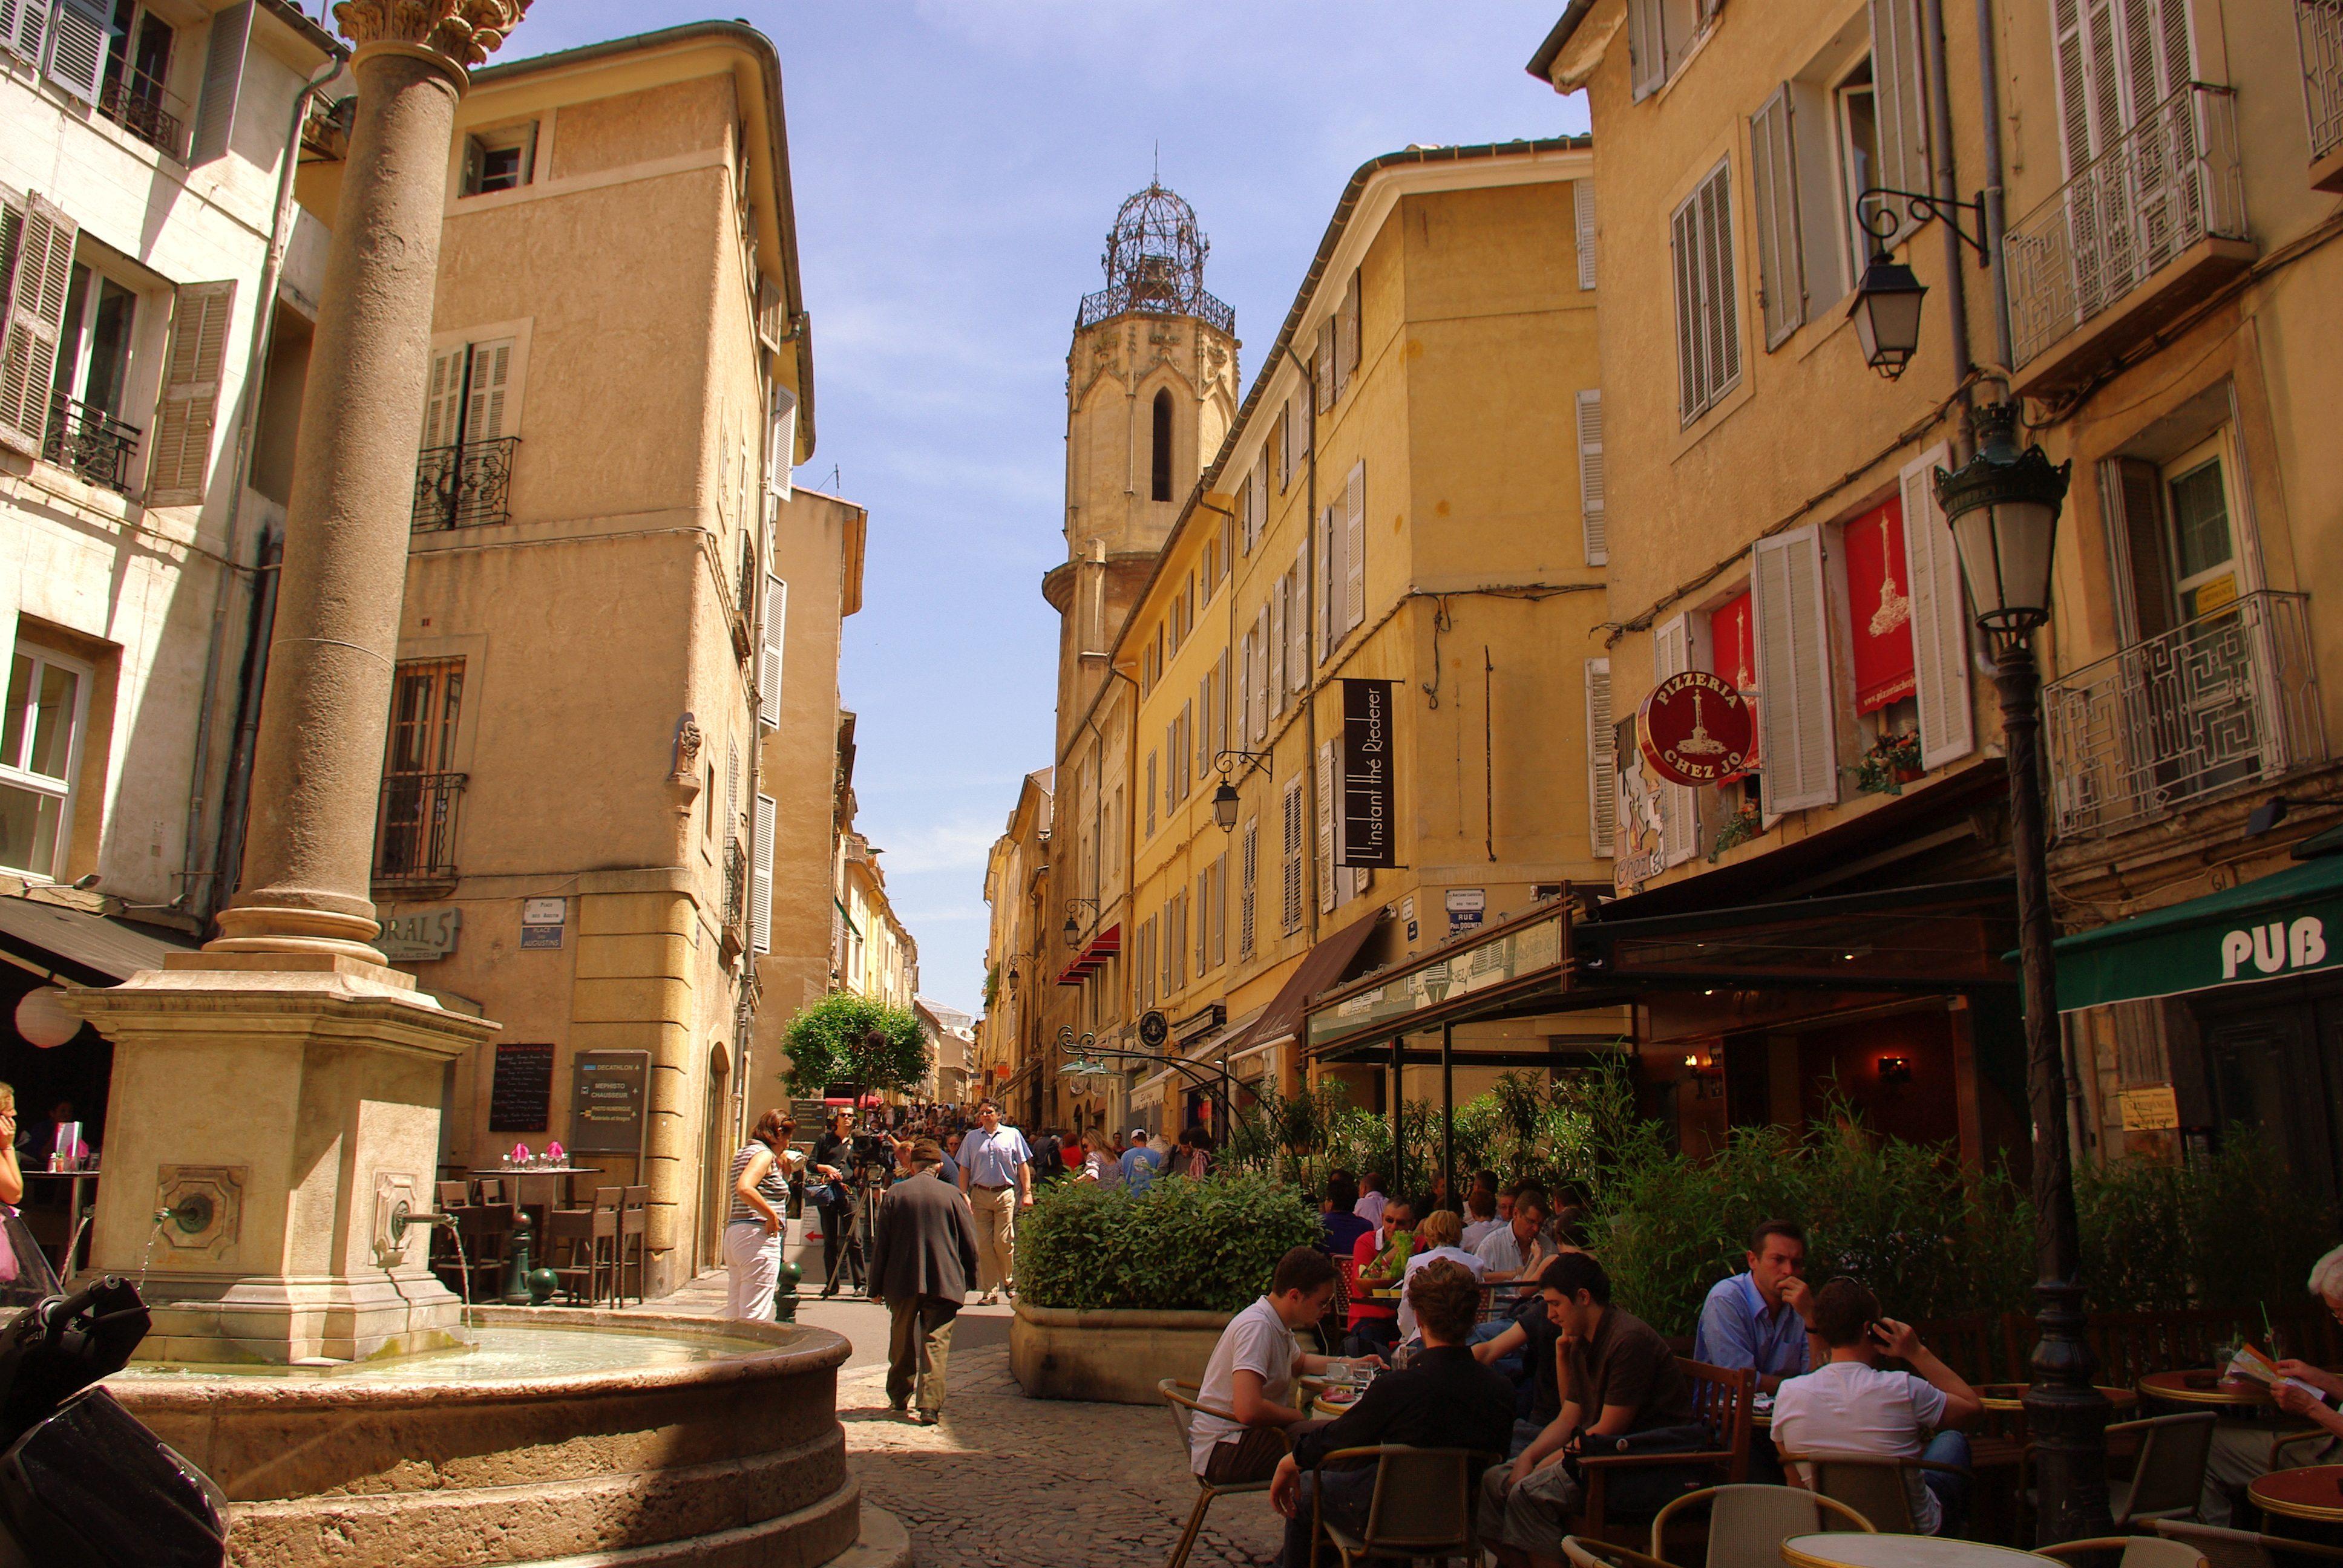 Aix-en-Provence - my home town and area Aix-en-Provence-Espariat